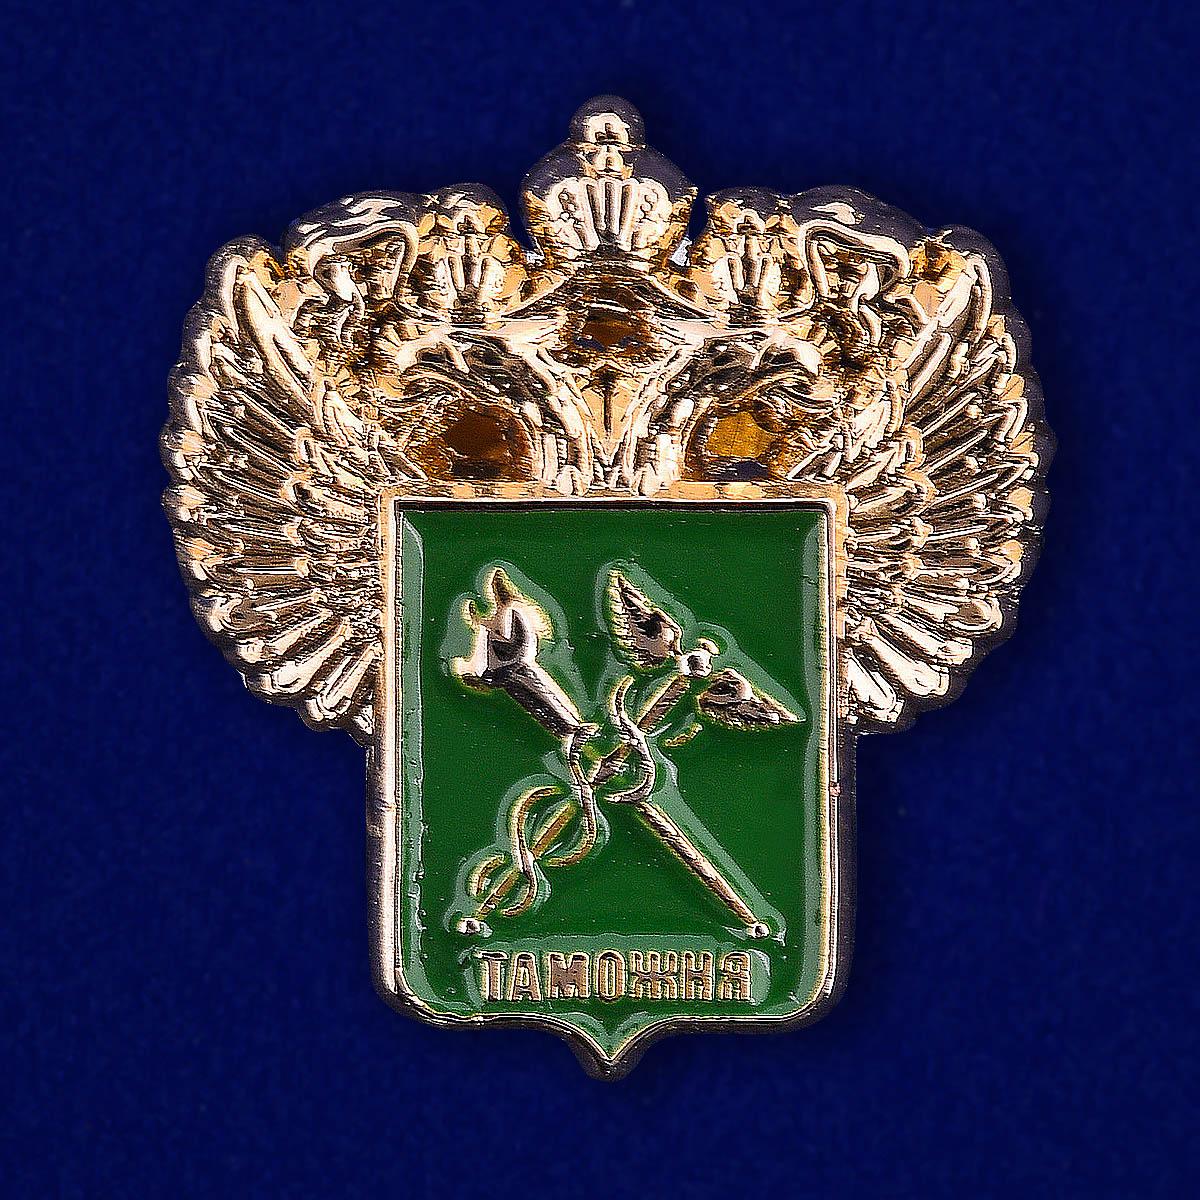 Миниатюрный барельефный герб Таможни РФ